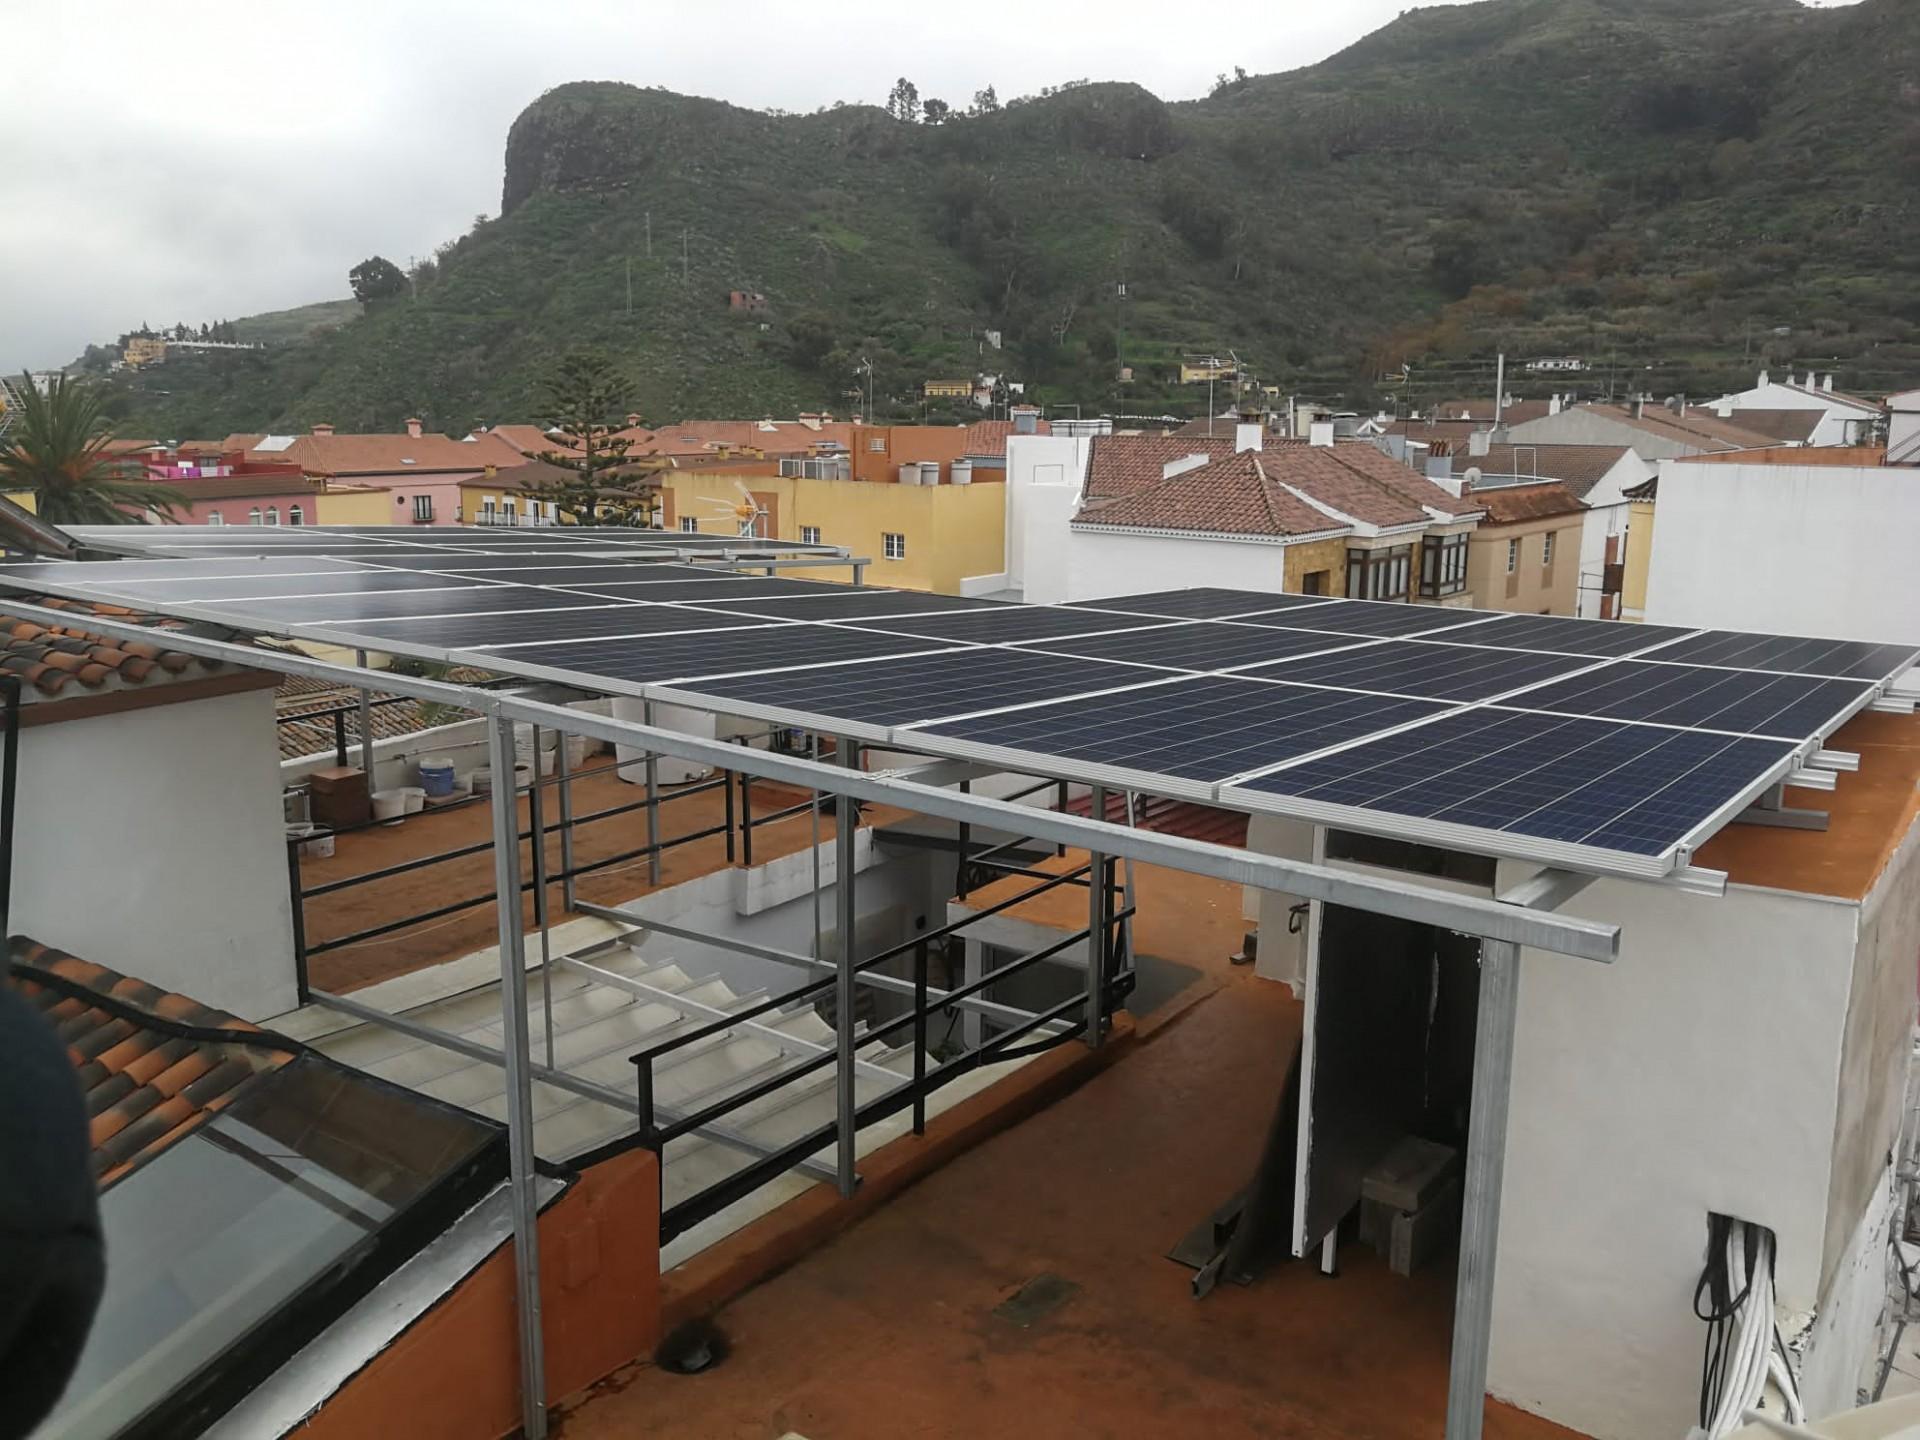 Instalación fotovoltaica 8kw - San Mateo